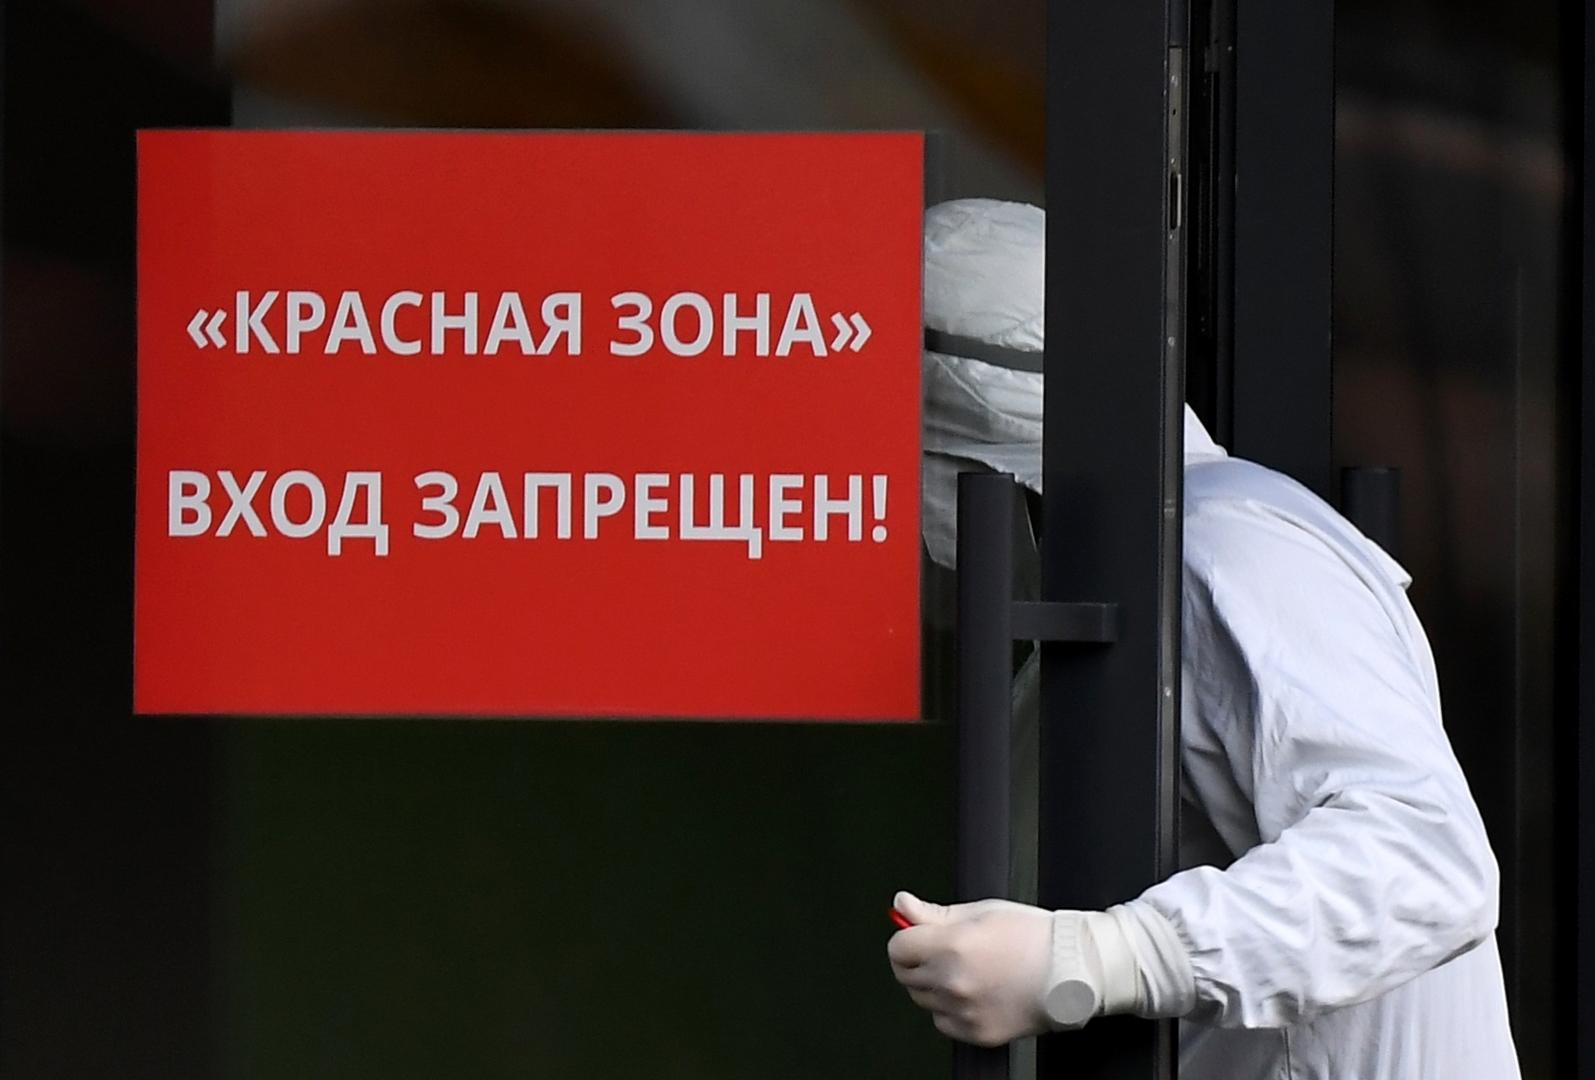 روسيا.. الإصابات اليومية بكورونا فوق الـ34 ألفا في رابع قفزة غير مسبوقة على التوالي